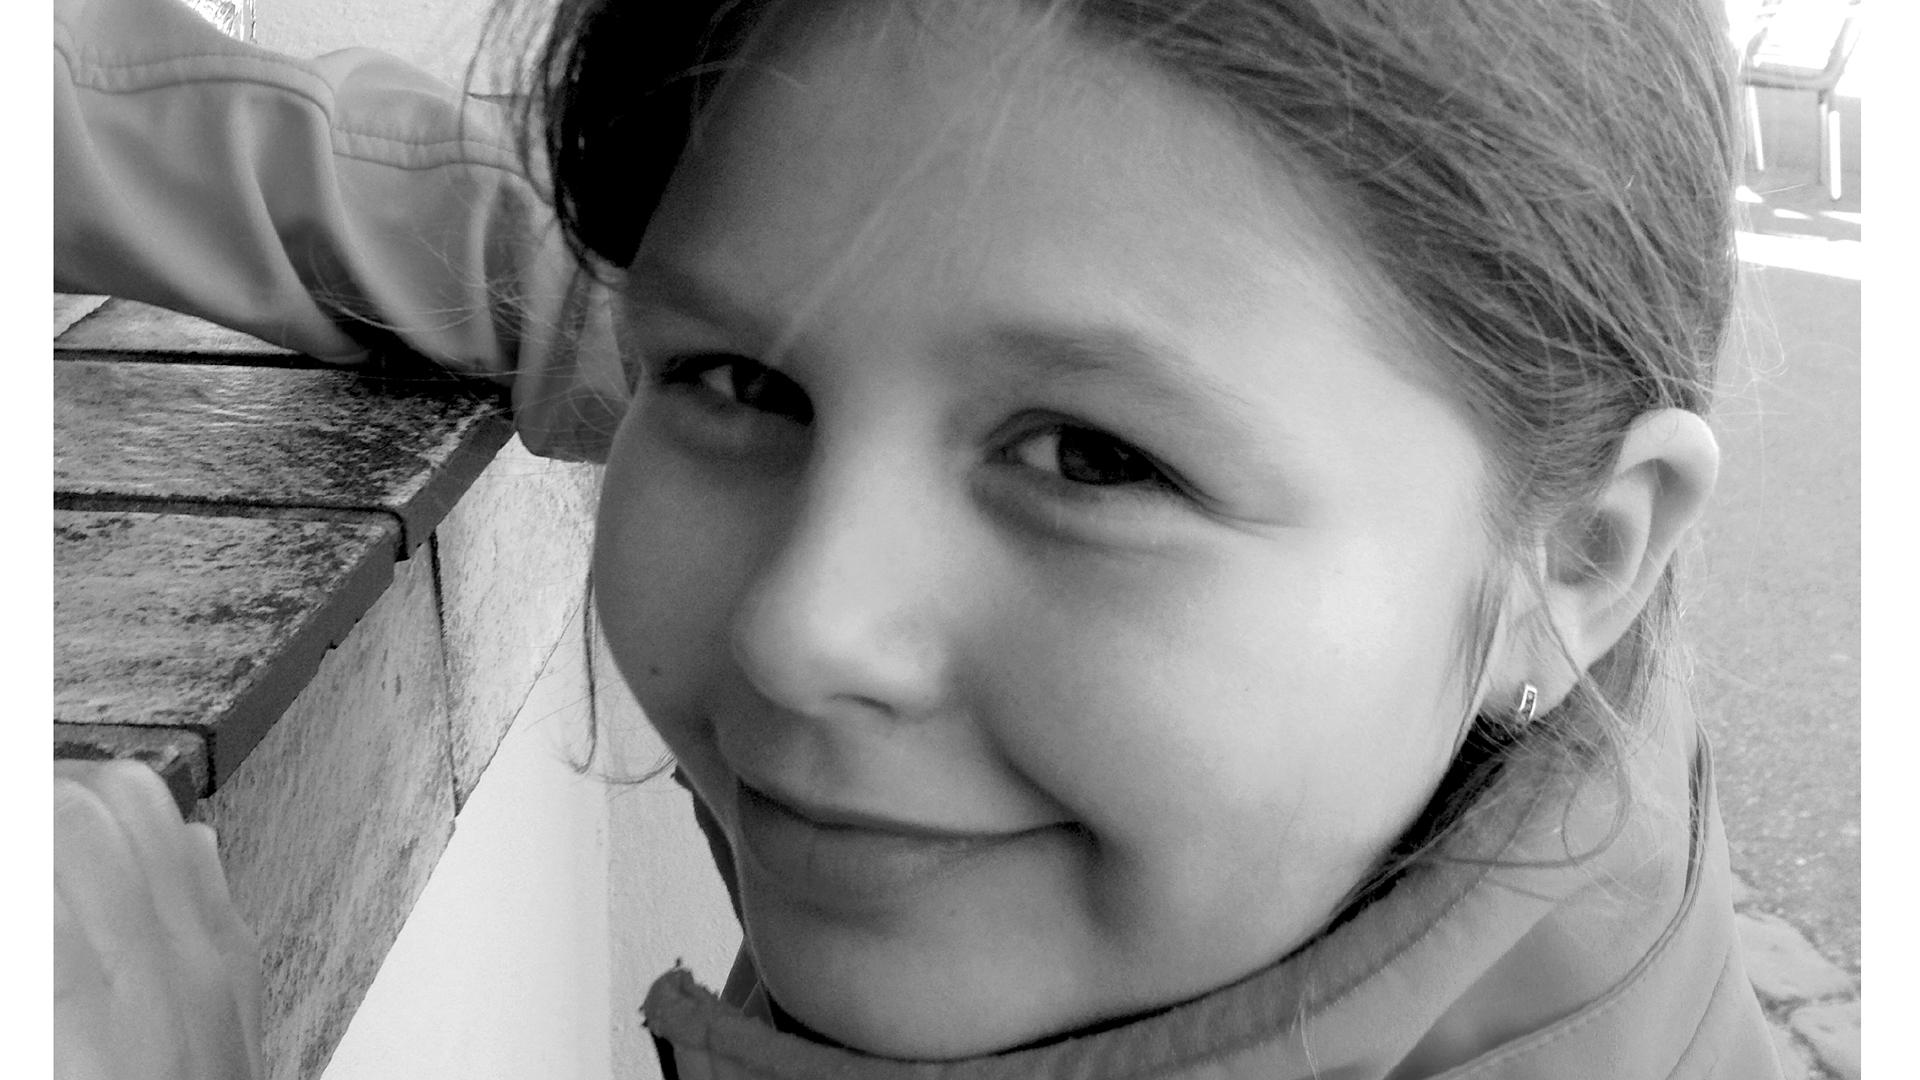 """Das letzte Porträt von Sara: Arne Kopfermann postete das Urlaubsfoto mit der Bildunterschrift """"Sara ... Cola holen!"""" am 2. September, dem Tag vor dem Unfall, auf Facebook"""